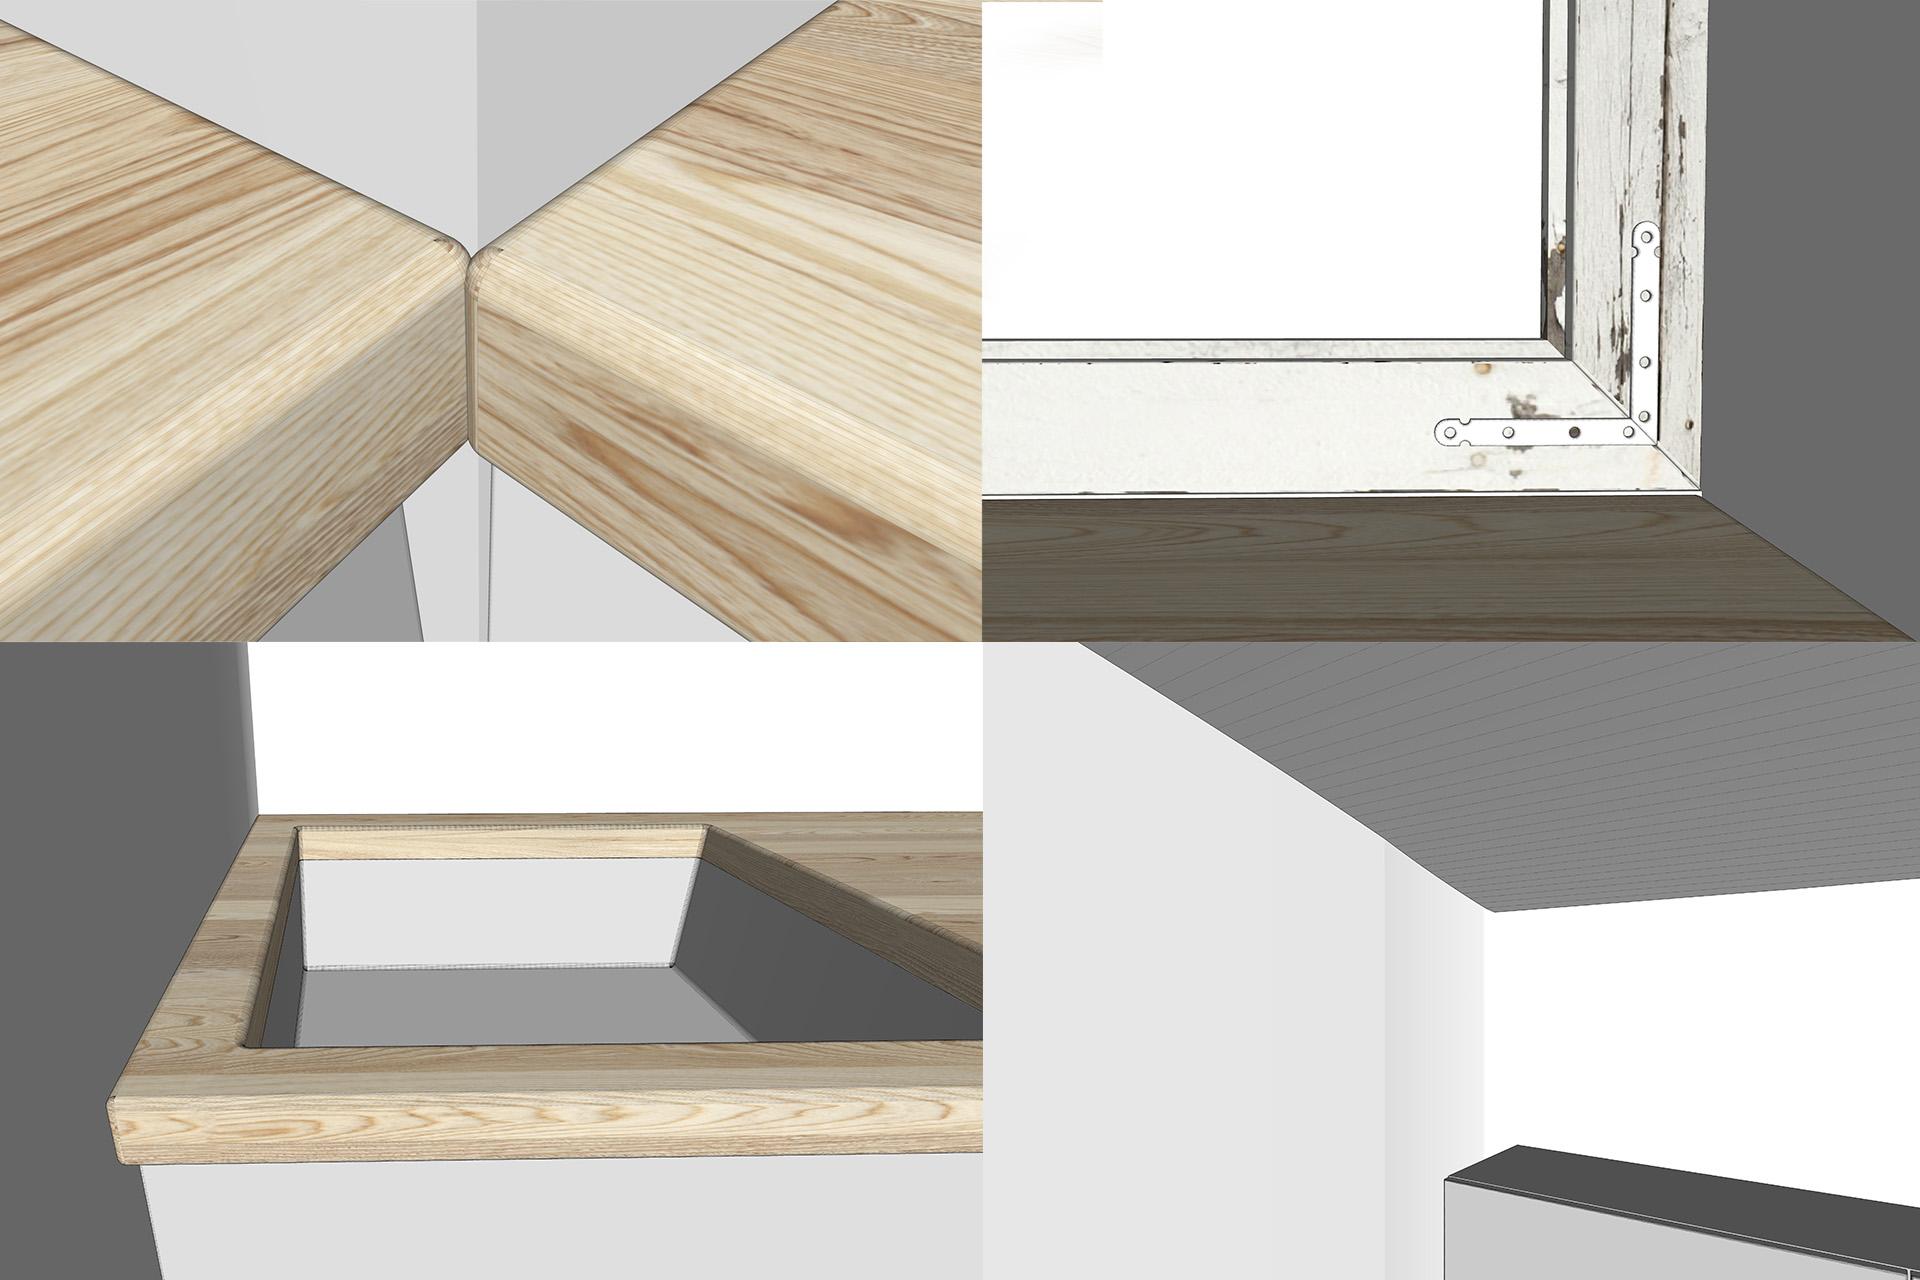 Modelling interior visualisation details in sketchup